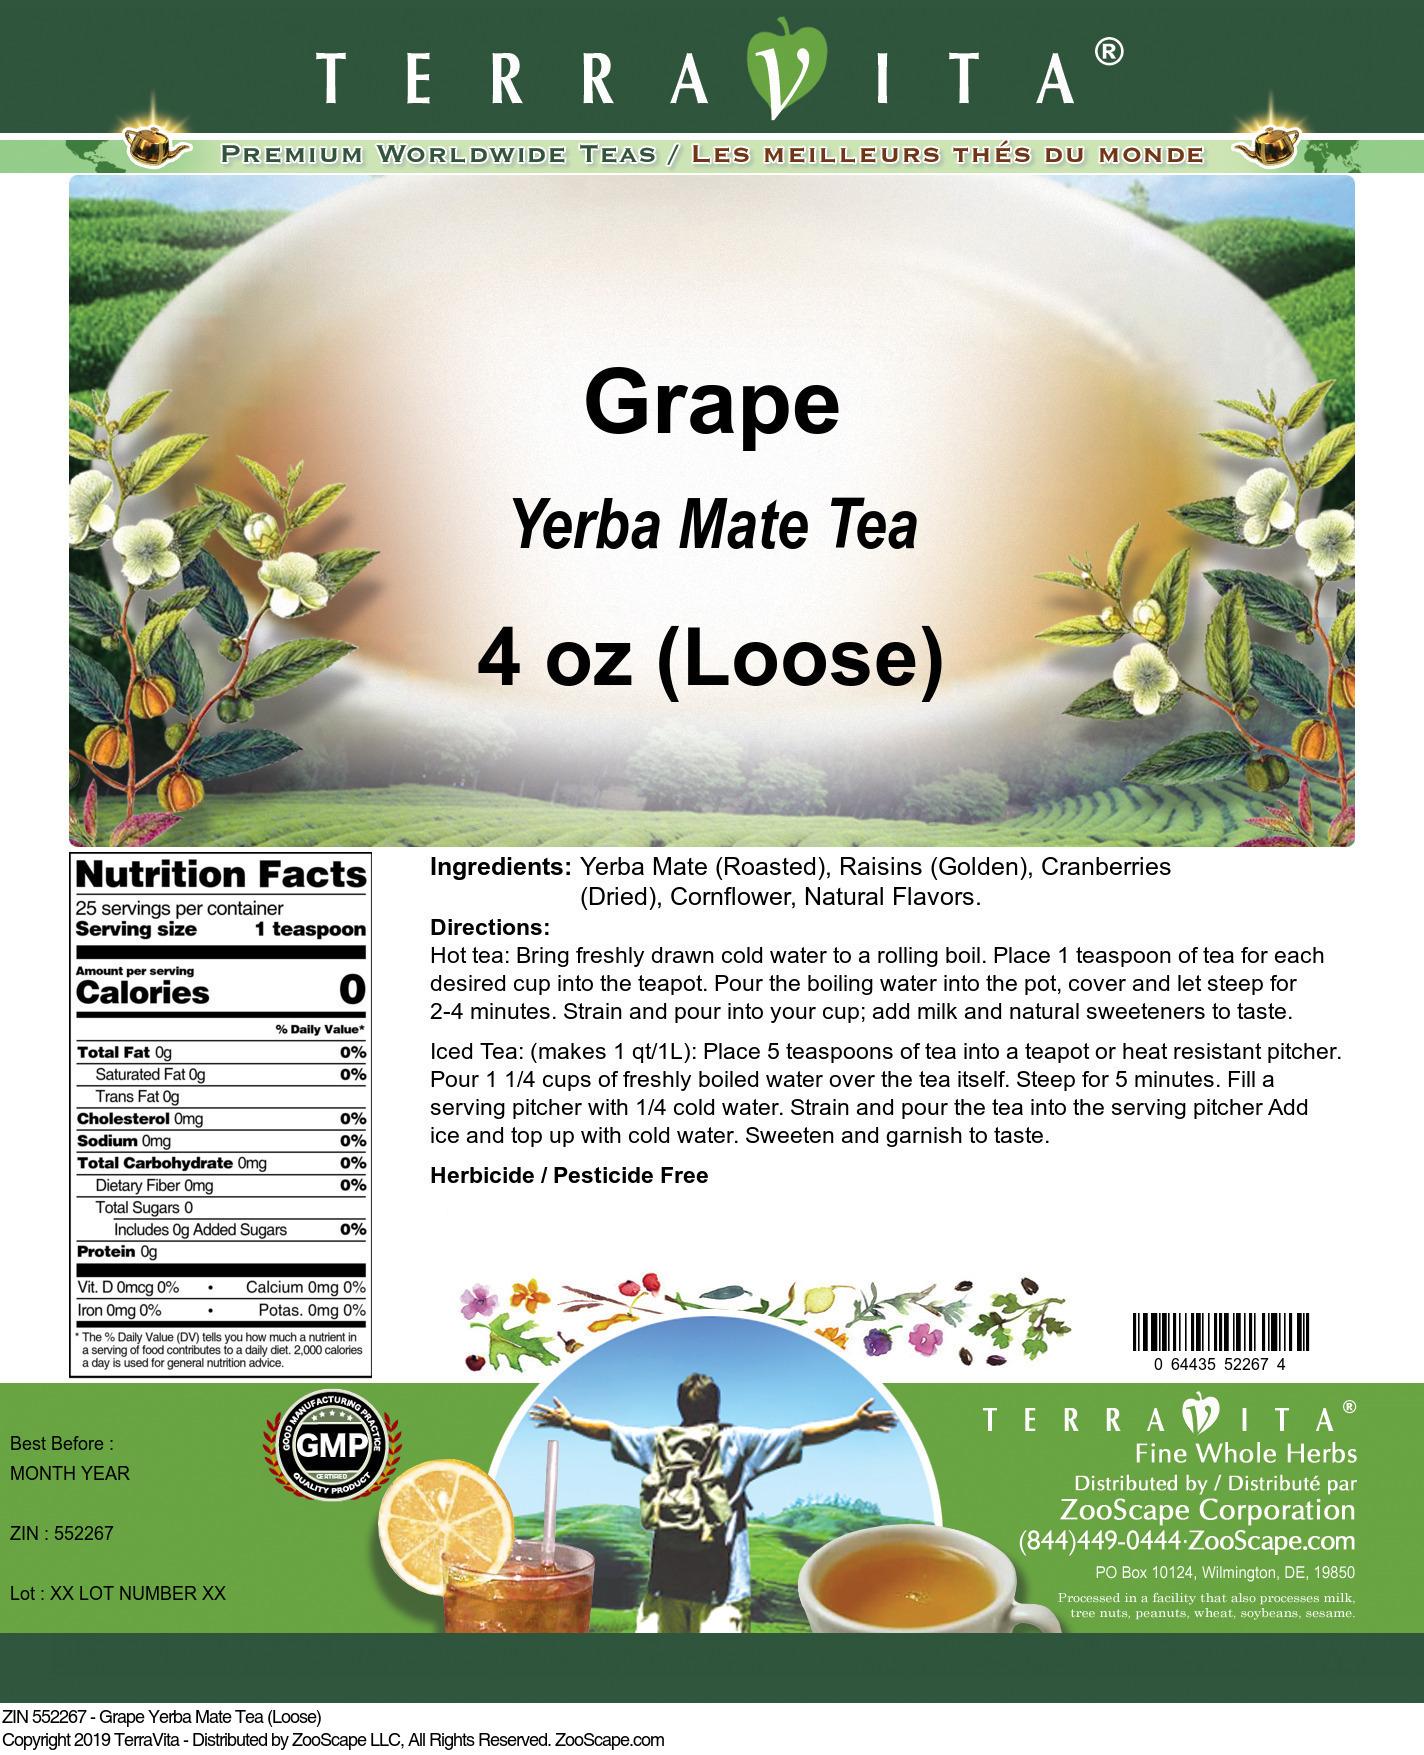 Grape Yerba Mate